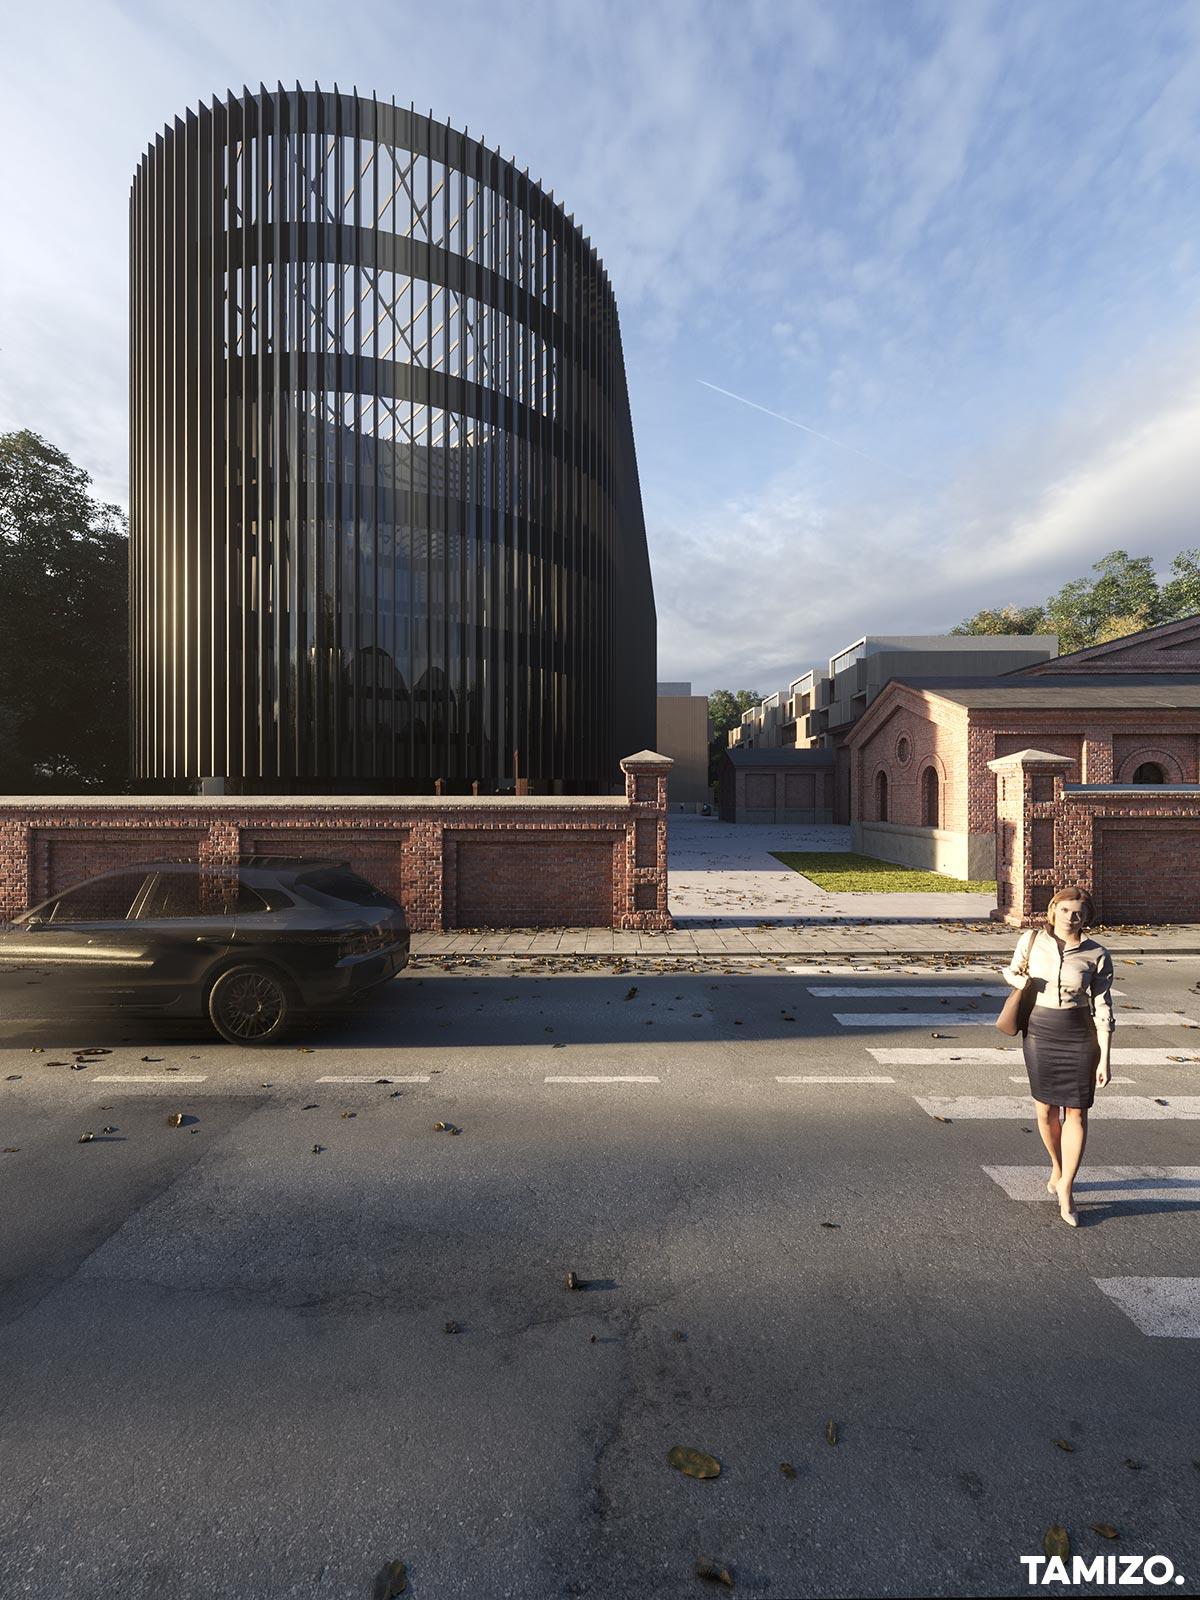 tamizo_architecture_houseing_mieszkaniowa_architektura_biura_office_builidng_lodz_02